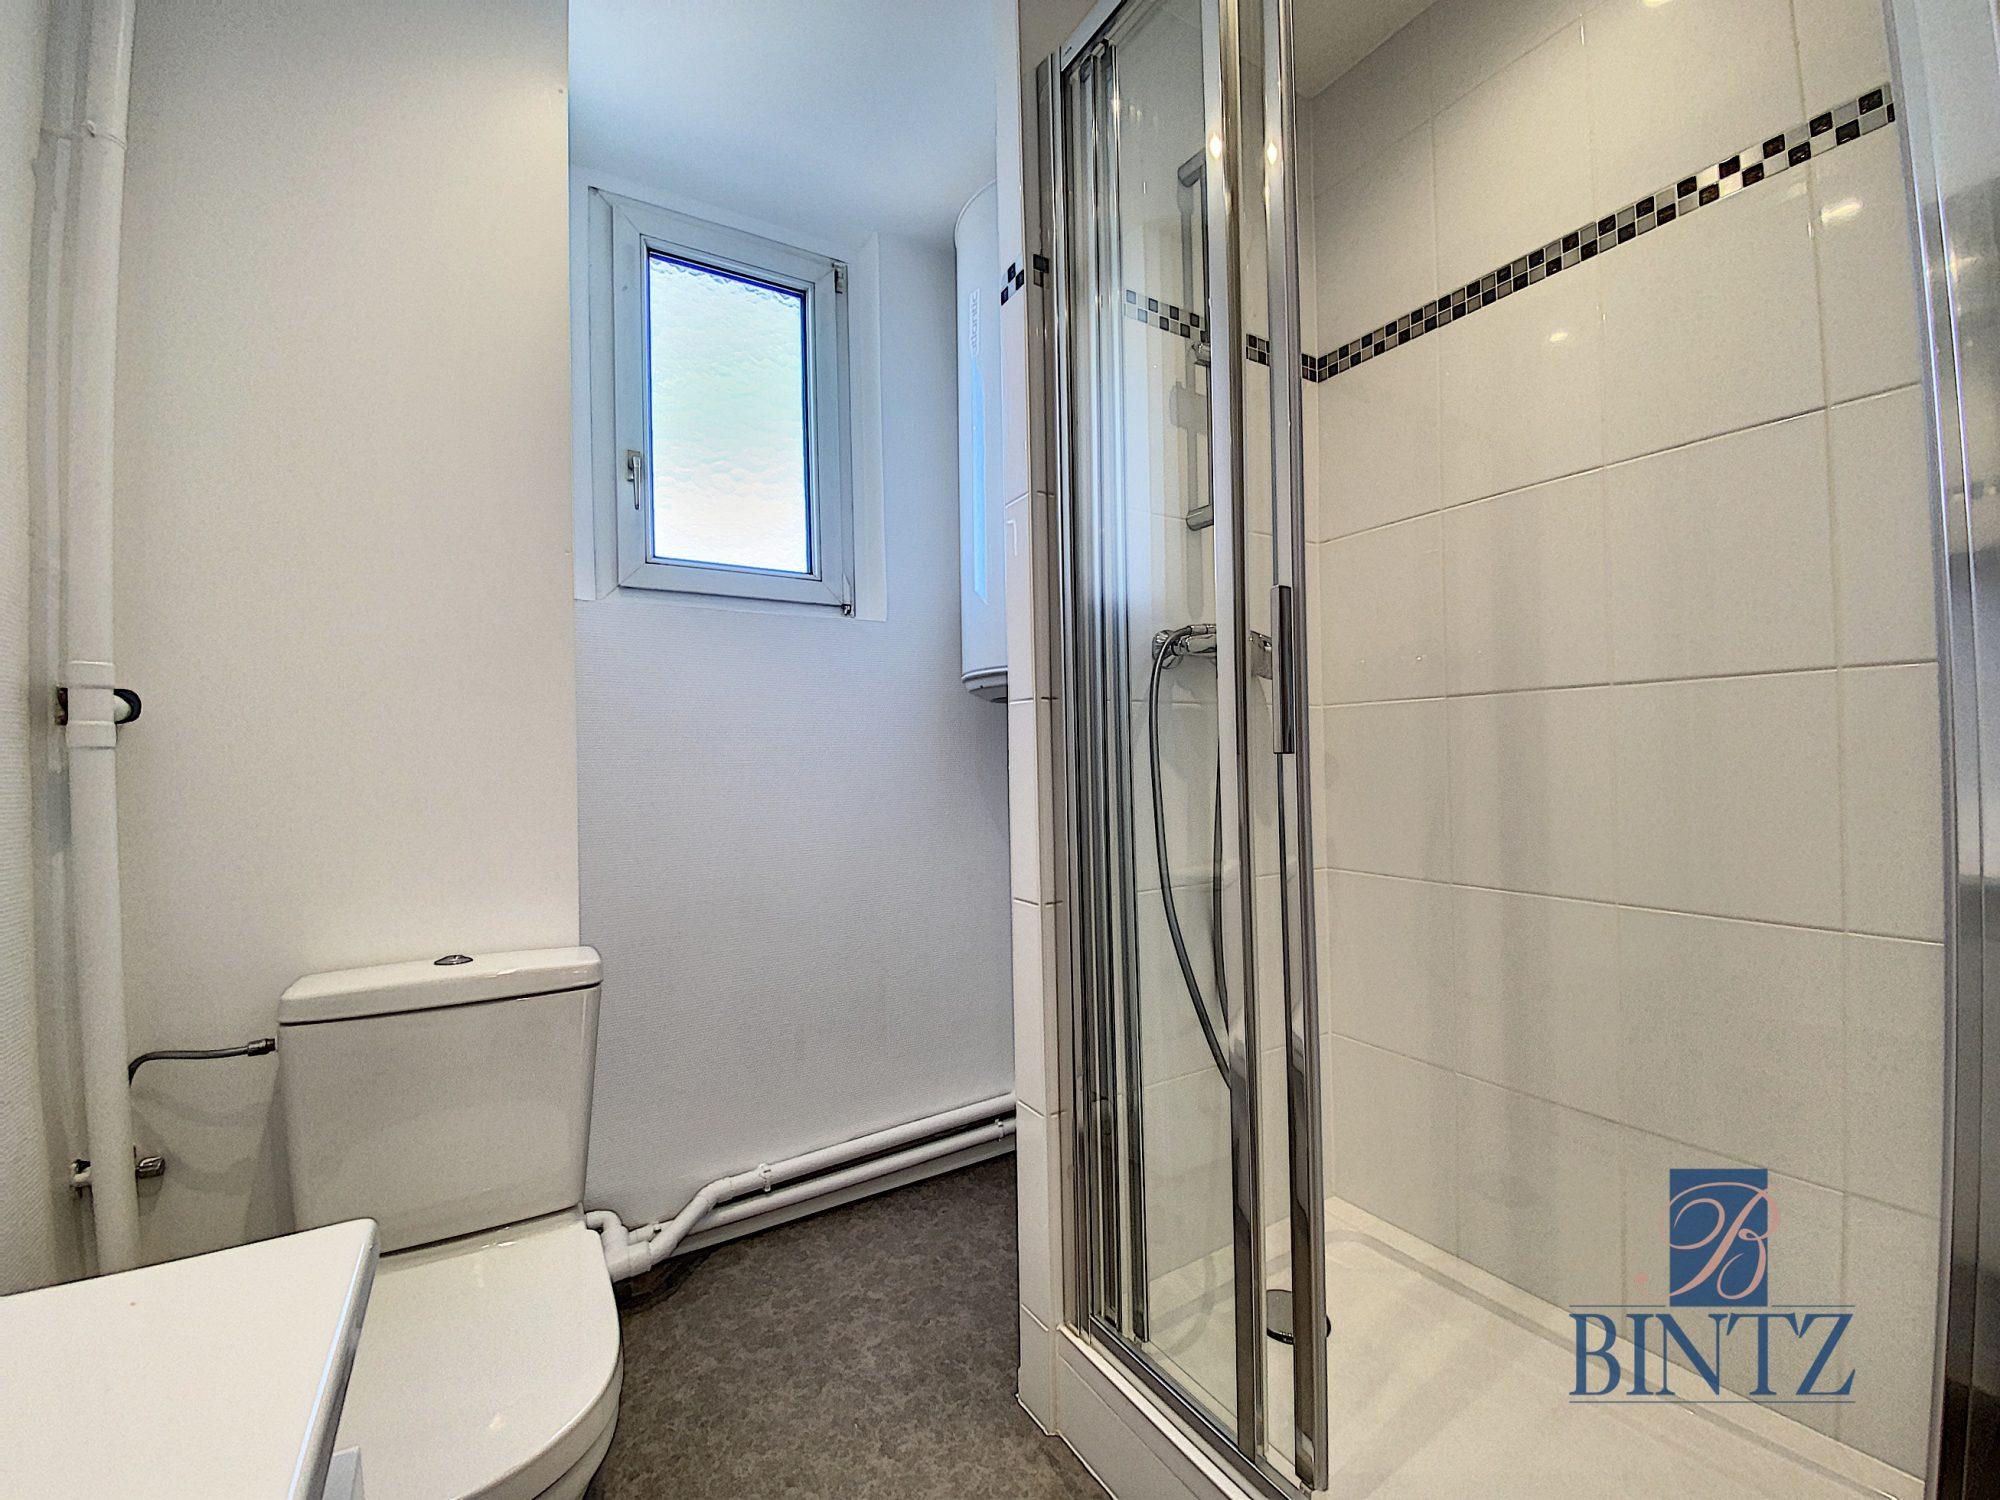 2 PIECES REFAIT A NEUF - Devenez locataire en toute sérénité - Bintz Immobilier - 9